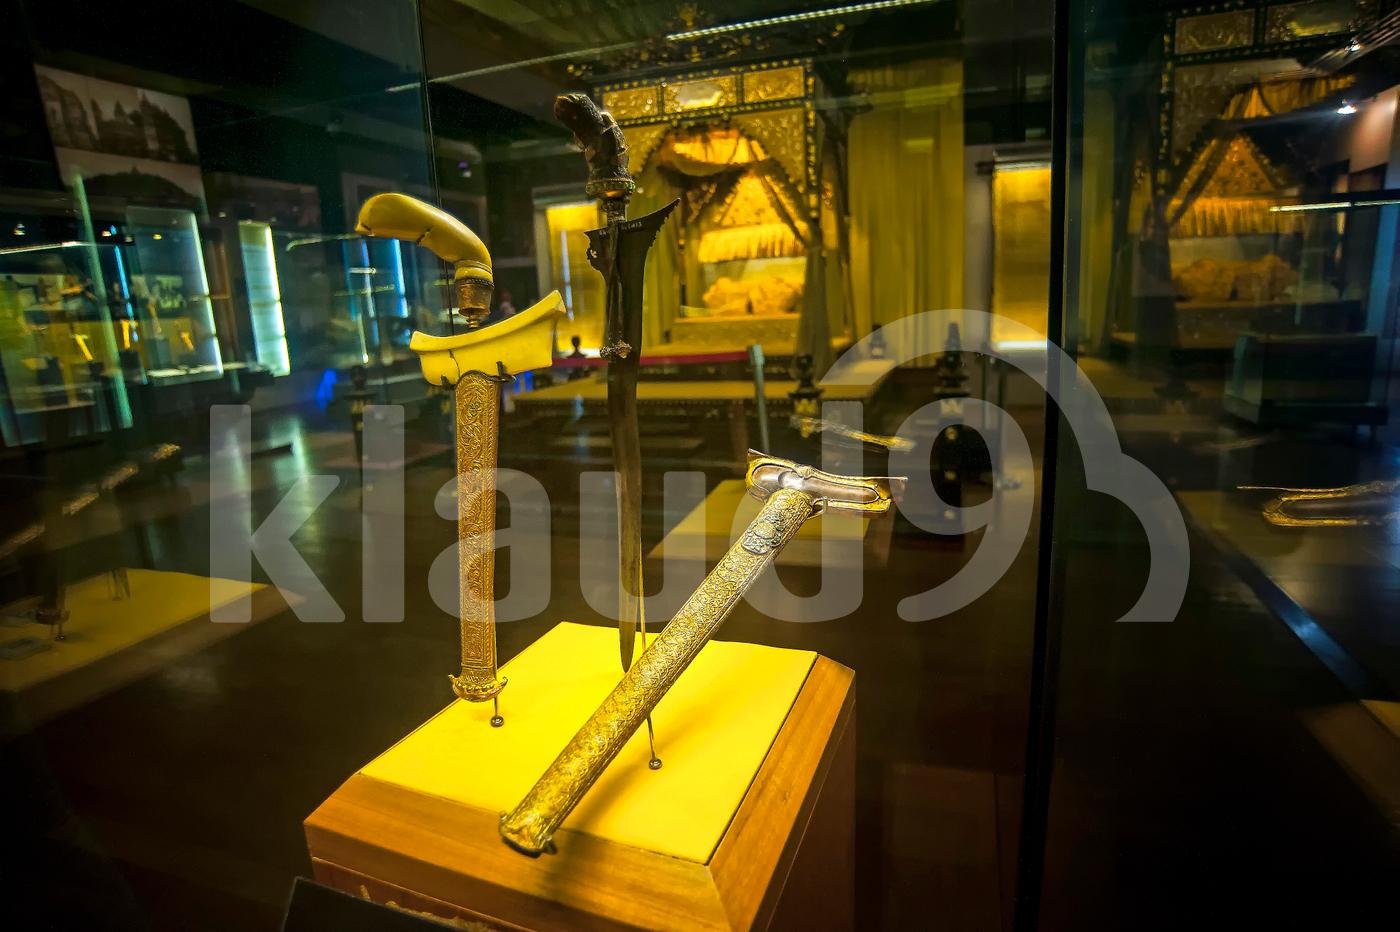 NATIONAL MUSEUM - KUALA LUMPUR